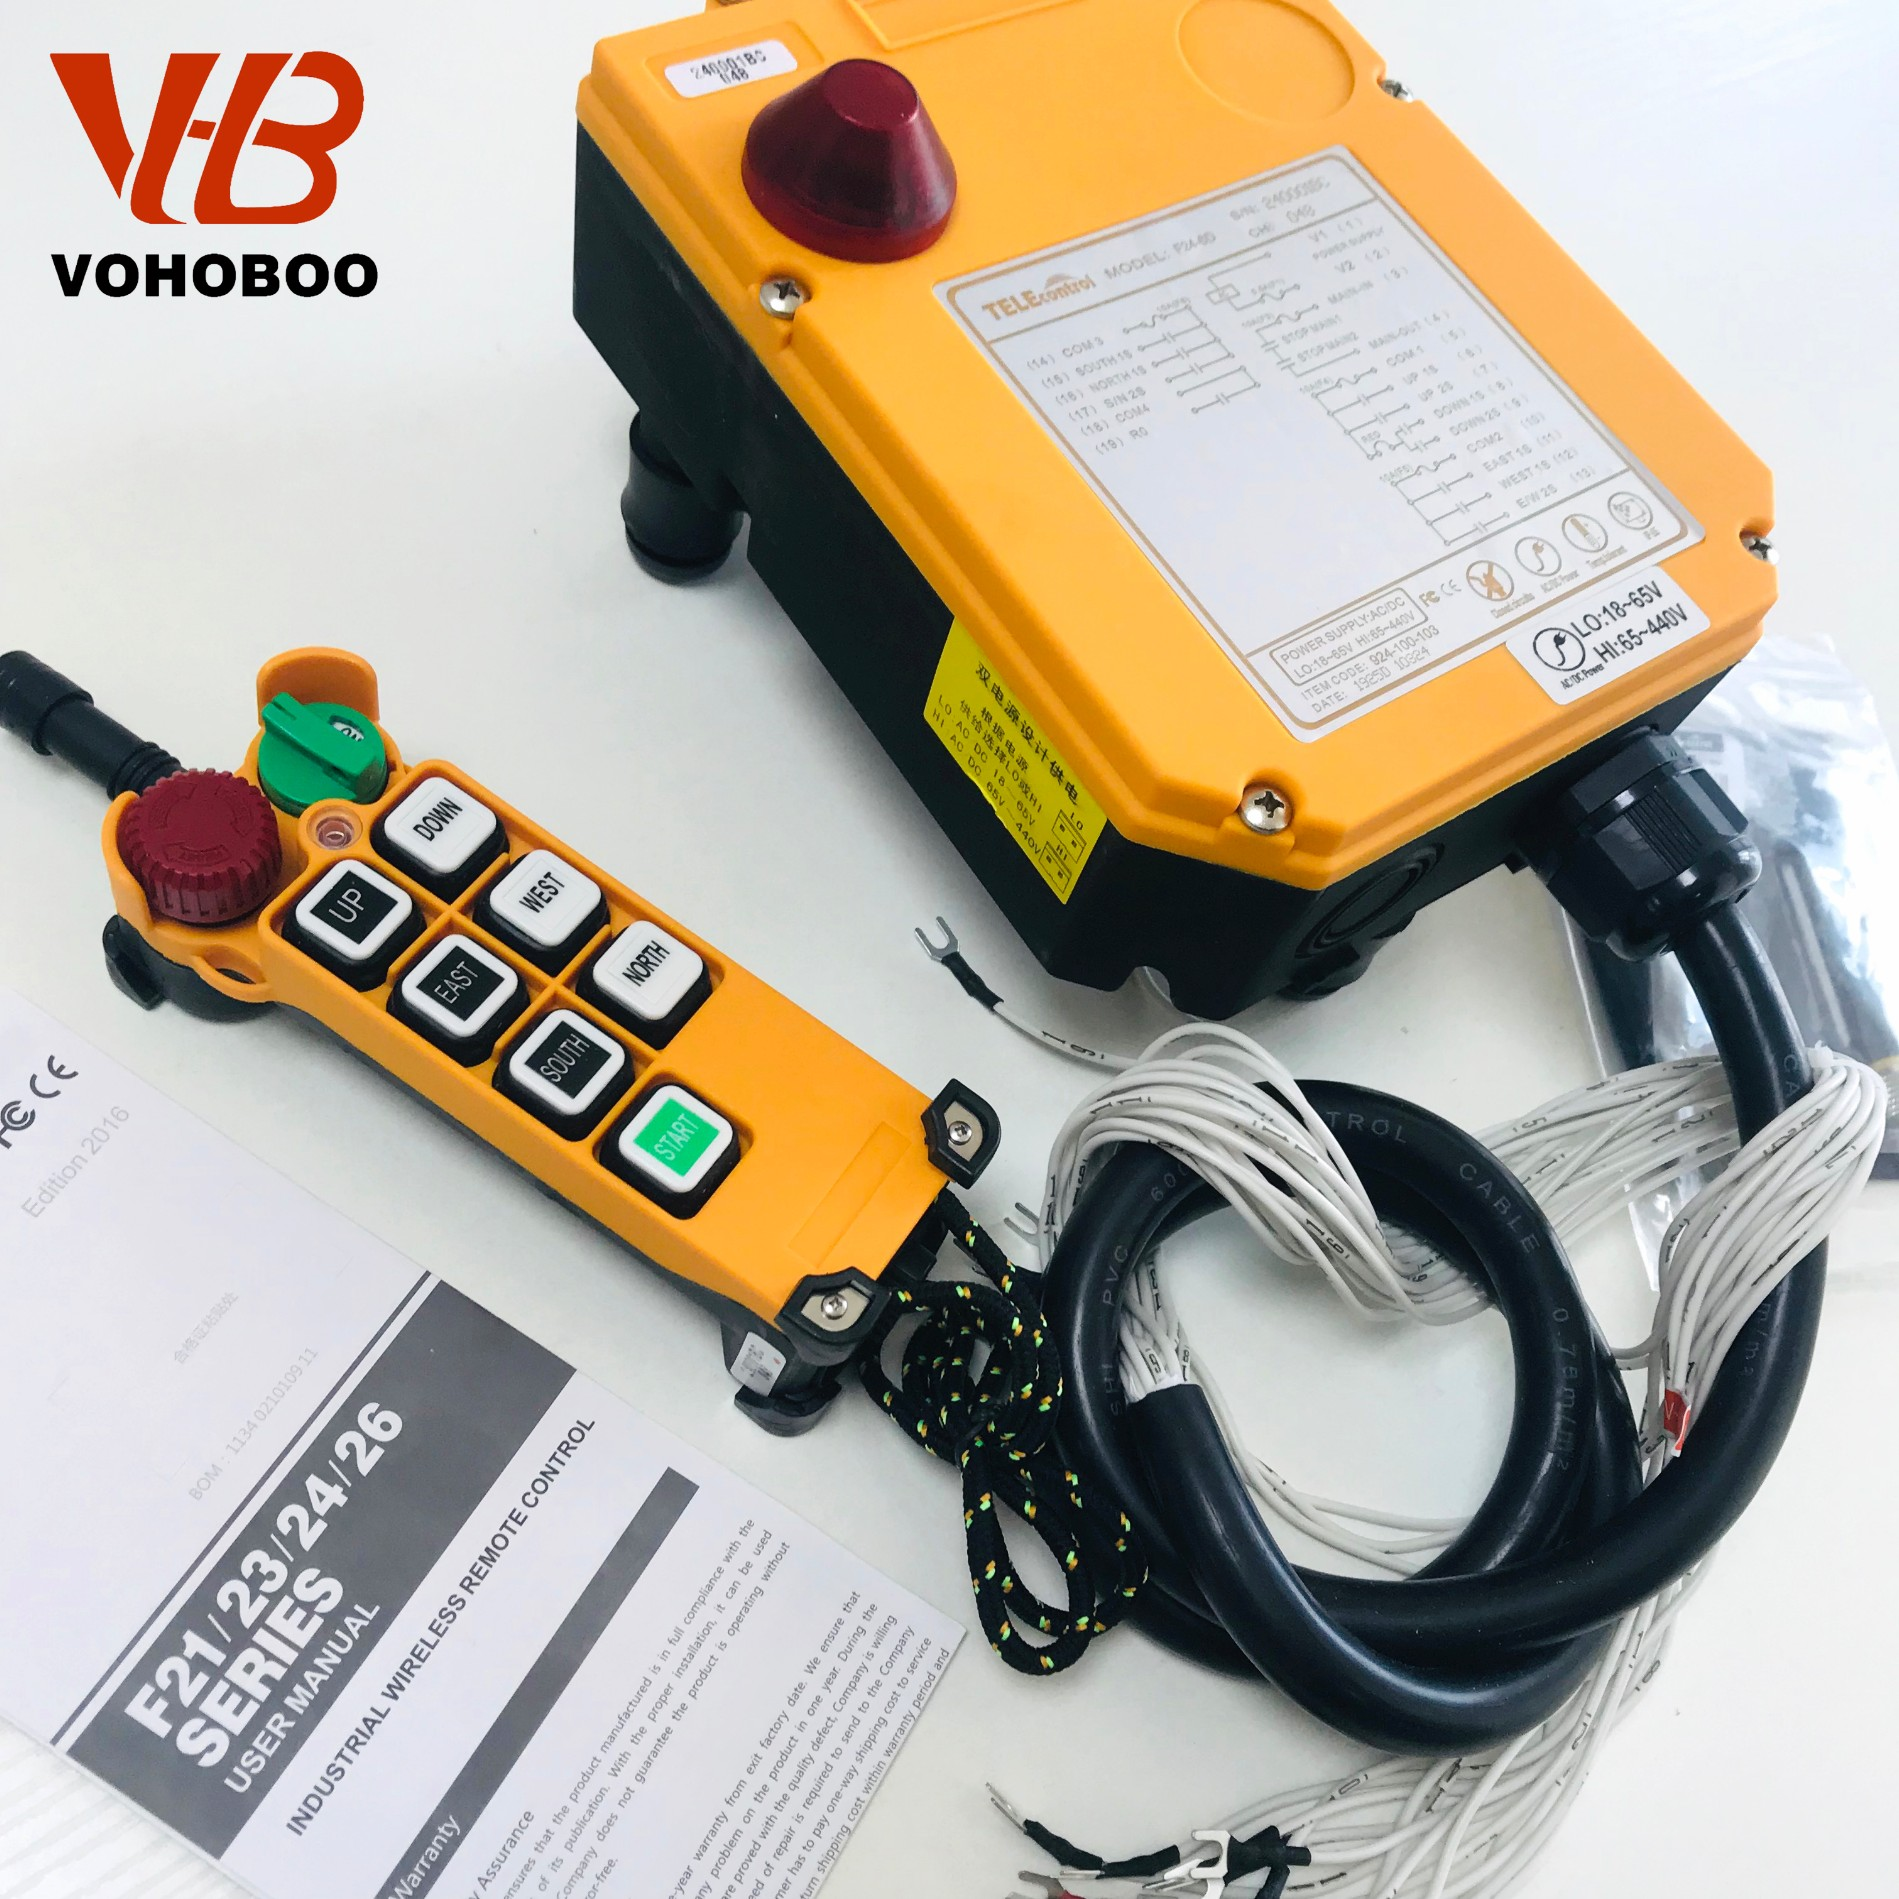 Mua Bộ điều khiển từ xa công nghiệp F24-6S / 6D,Bộ điều khiển từ xa công nghiệp F24-6S / 6D Giá ,Bộ điều khiển từ xa công nghiệp F24-6S / 6D Brands,Bộ điều khiển từ xa công nghiệp F24-6S / 6D Nhà sản xuất,Bộ điều khiển từ xa công nghiệp F24-6S / 6D Quotes,Bộ điều khiển từ xa công nghiệp F24-6S / 6D Công ty